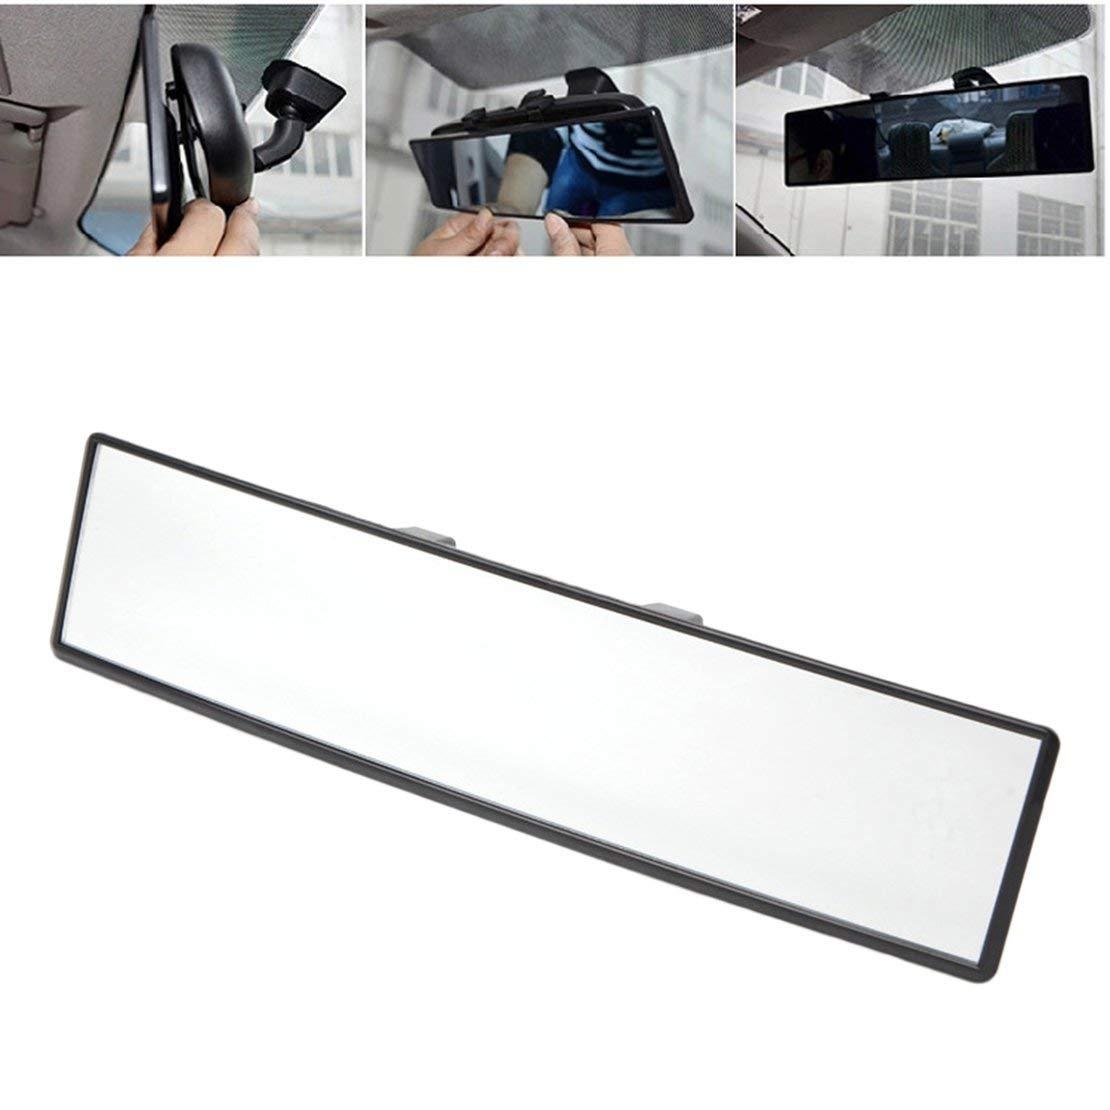 Specchietto retrovisore grandangolare universale 300mm per auto Specchietto retrovisore grandangolare per auto Grandangolo convesso interno Clip su specchietto retrovisore Bianco e nero